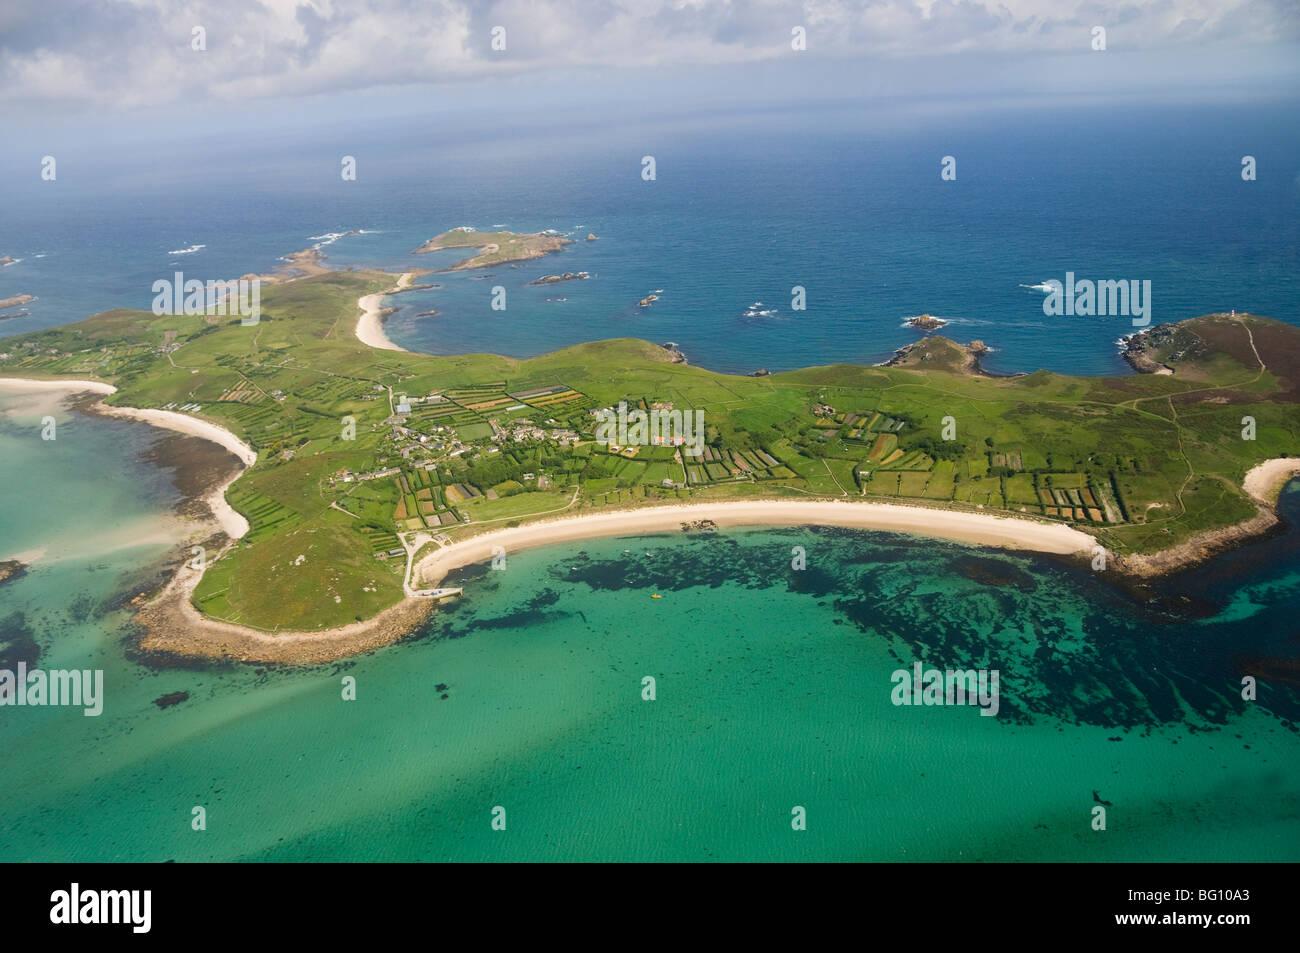 Luftaufnahme von St. Martins, Isles of Scilly, Cornwall, Vereinigtes Königreich, Europa Stockbild